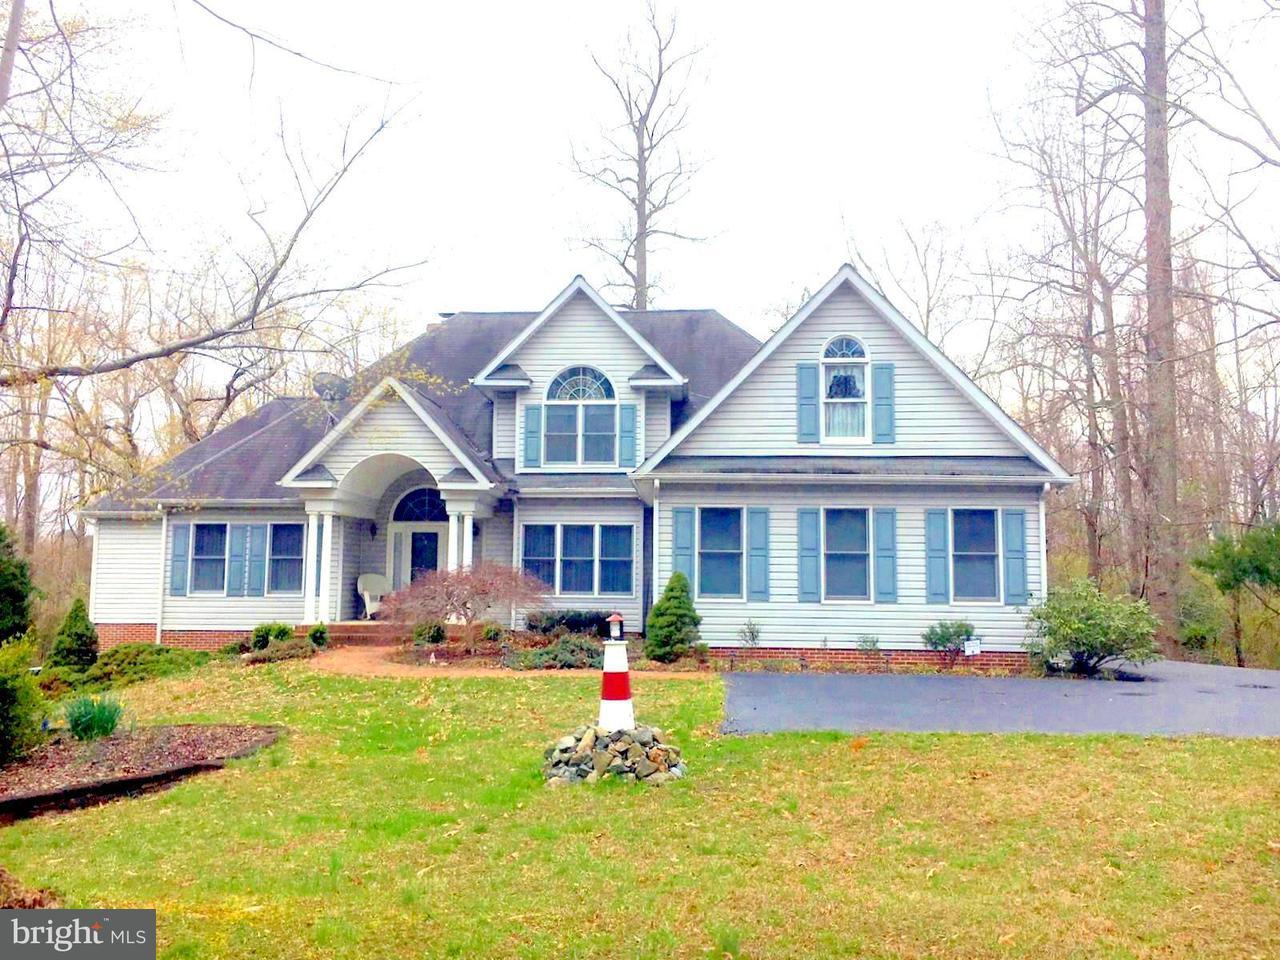 Μονοκατοικία για την Πώληση στο 1300 Hellen Creek Drive 1300 Hellen Creek Drive Lusby, Μεριλαντ 20657 Ηνωμενεσ Πολιτειεσ